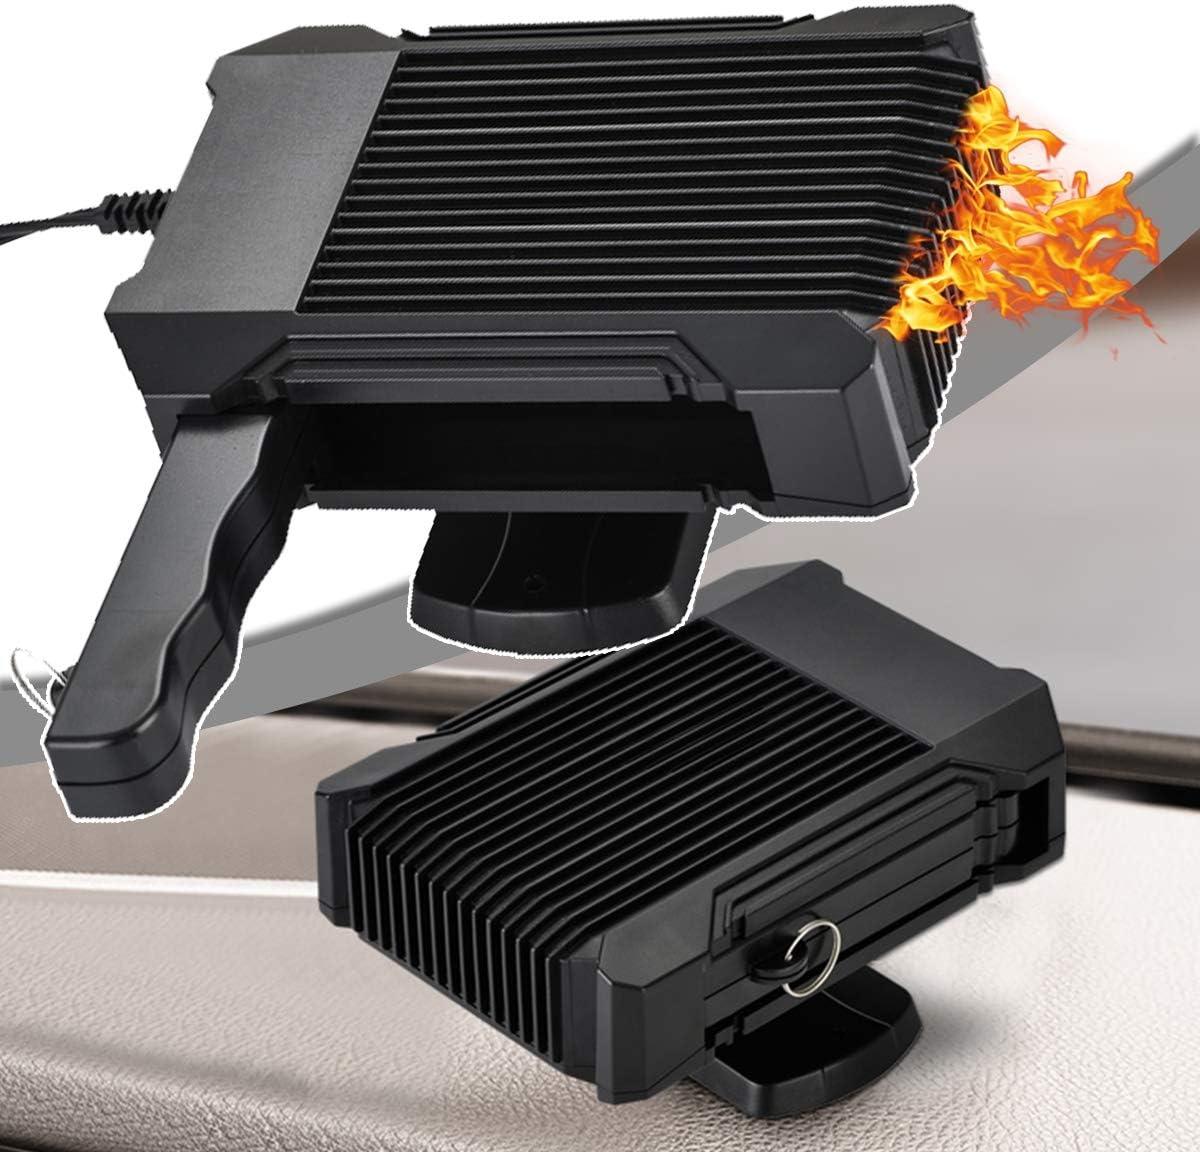 HIMAmonkey Coche Calefactor, 12V/24V Universal Desempañador deCalentamiento Automático, Calentamiento Rápido, 2 en 1 Calentamiento/Enfriamiento Calentador para Remolque Camión SUV Automóvil